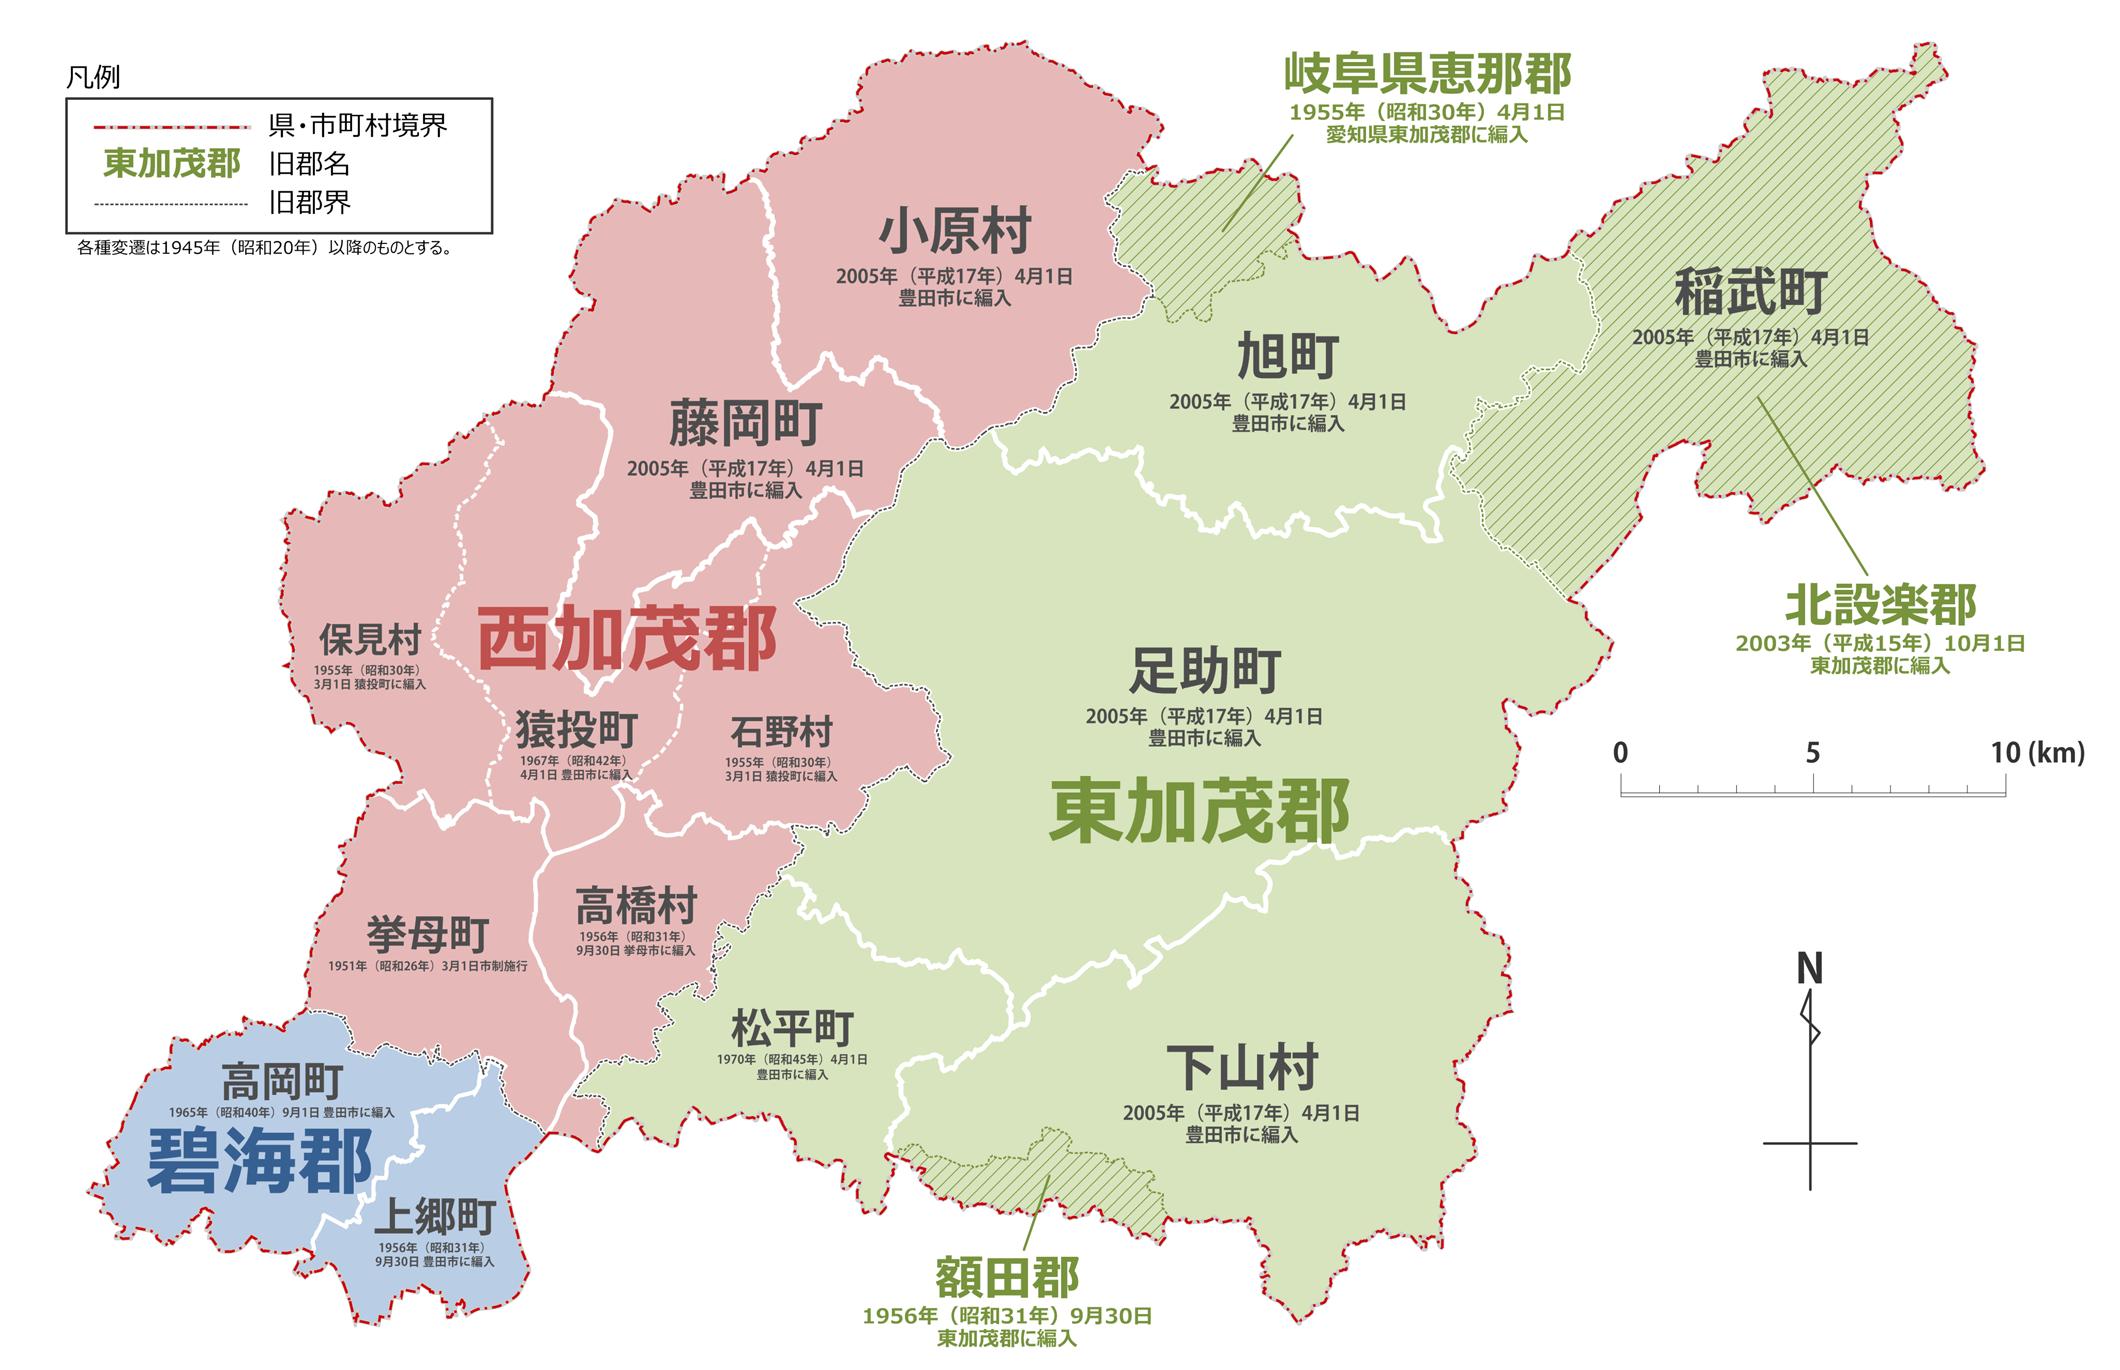 都市計画区域 - 愛知県 - 愛知県公式Webサイト